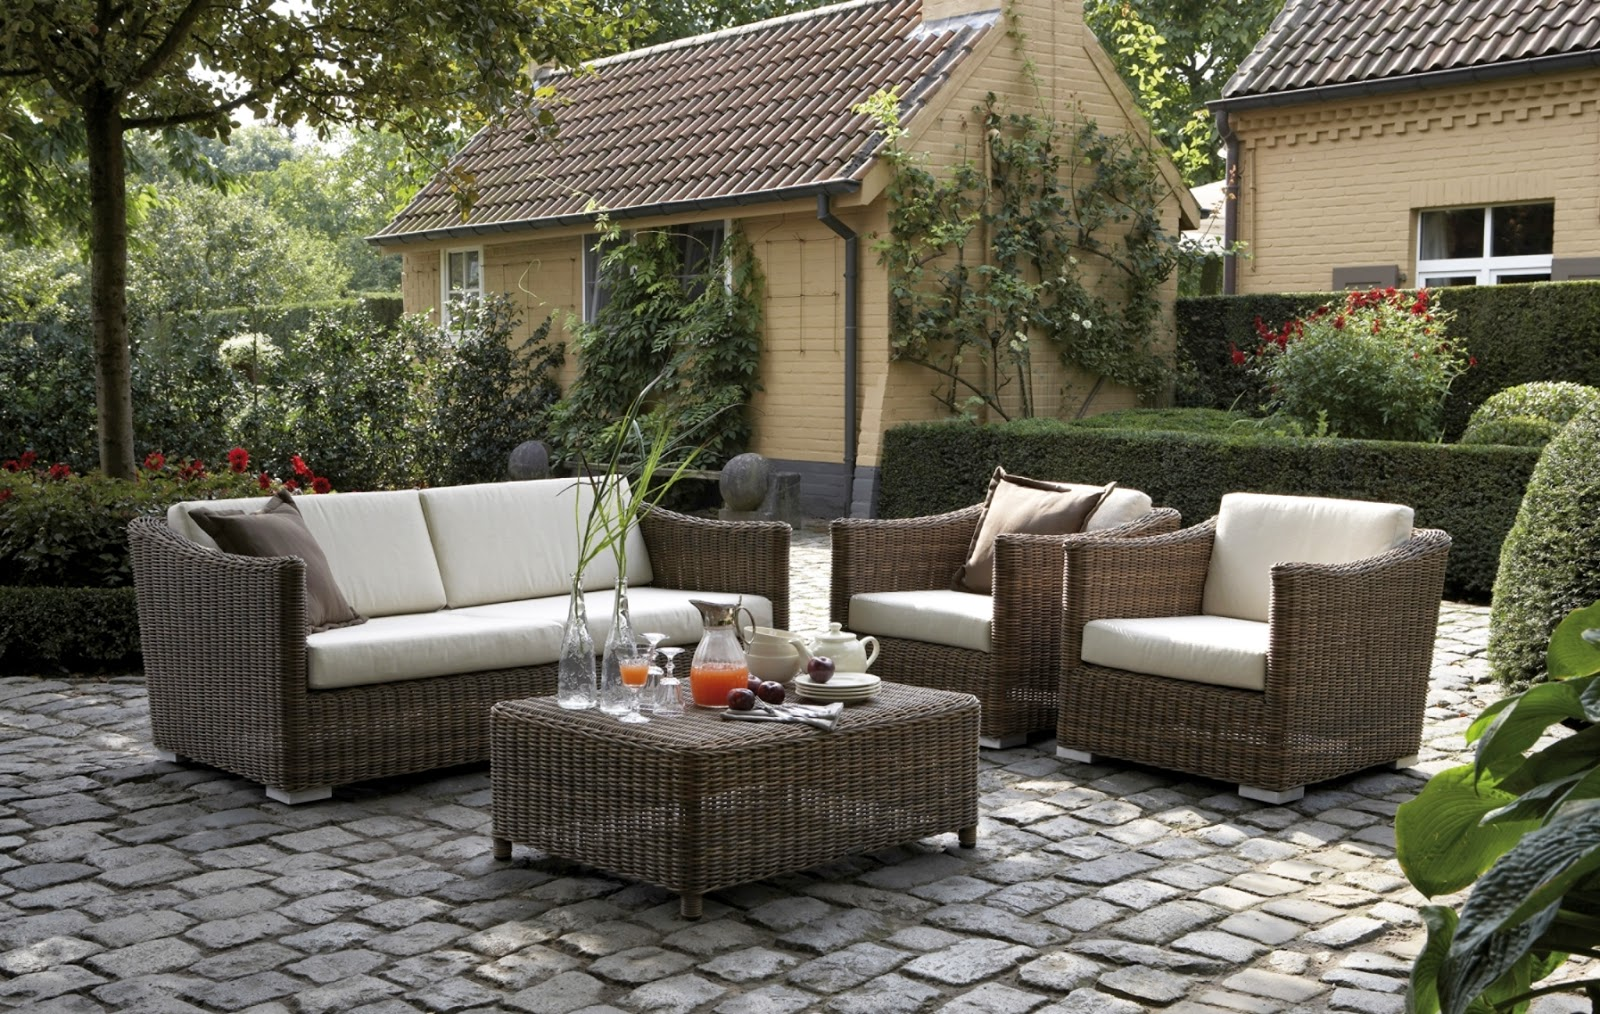 Arte y jardiner a mobiliario en dise o de jardines for Muebles de mimbre para jardin